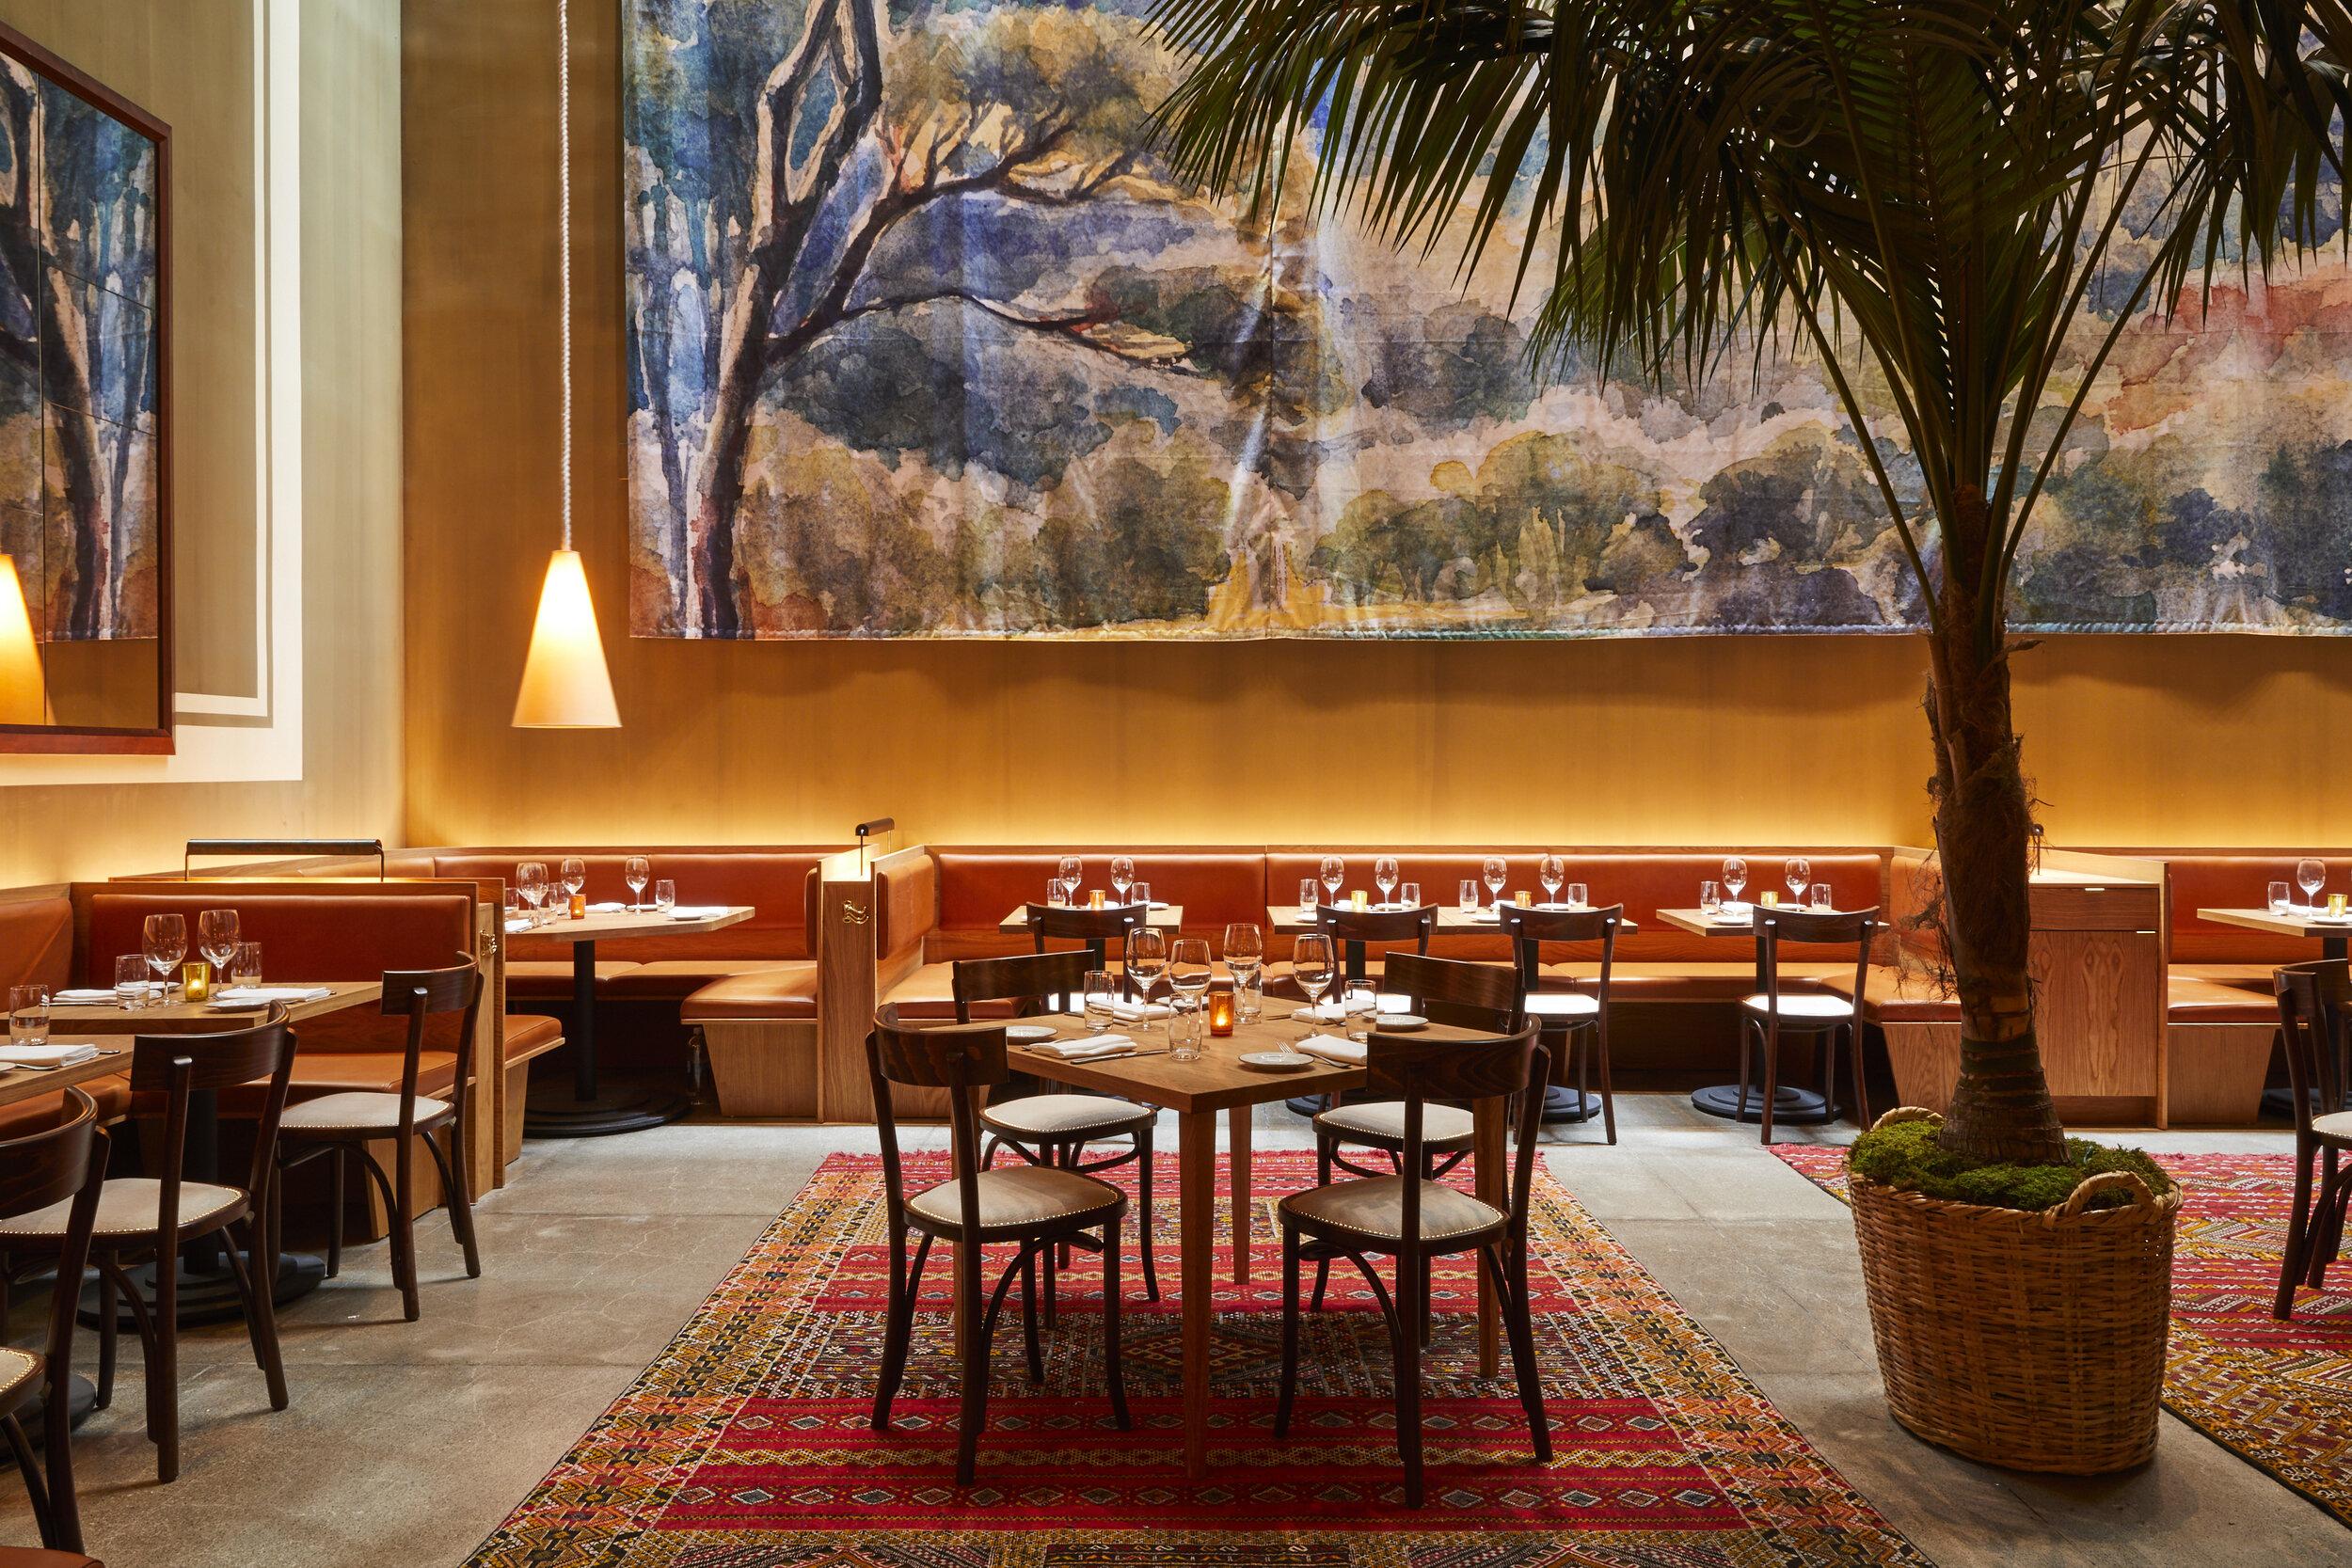 Felcie_Interiors_Dining_Room_003.jpg